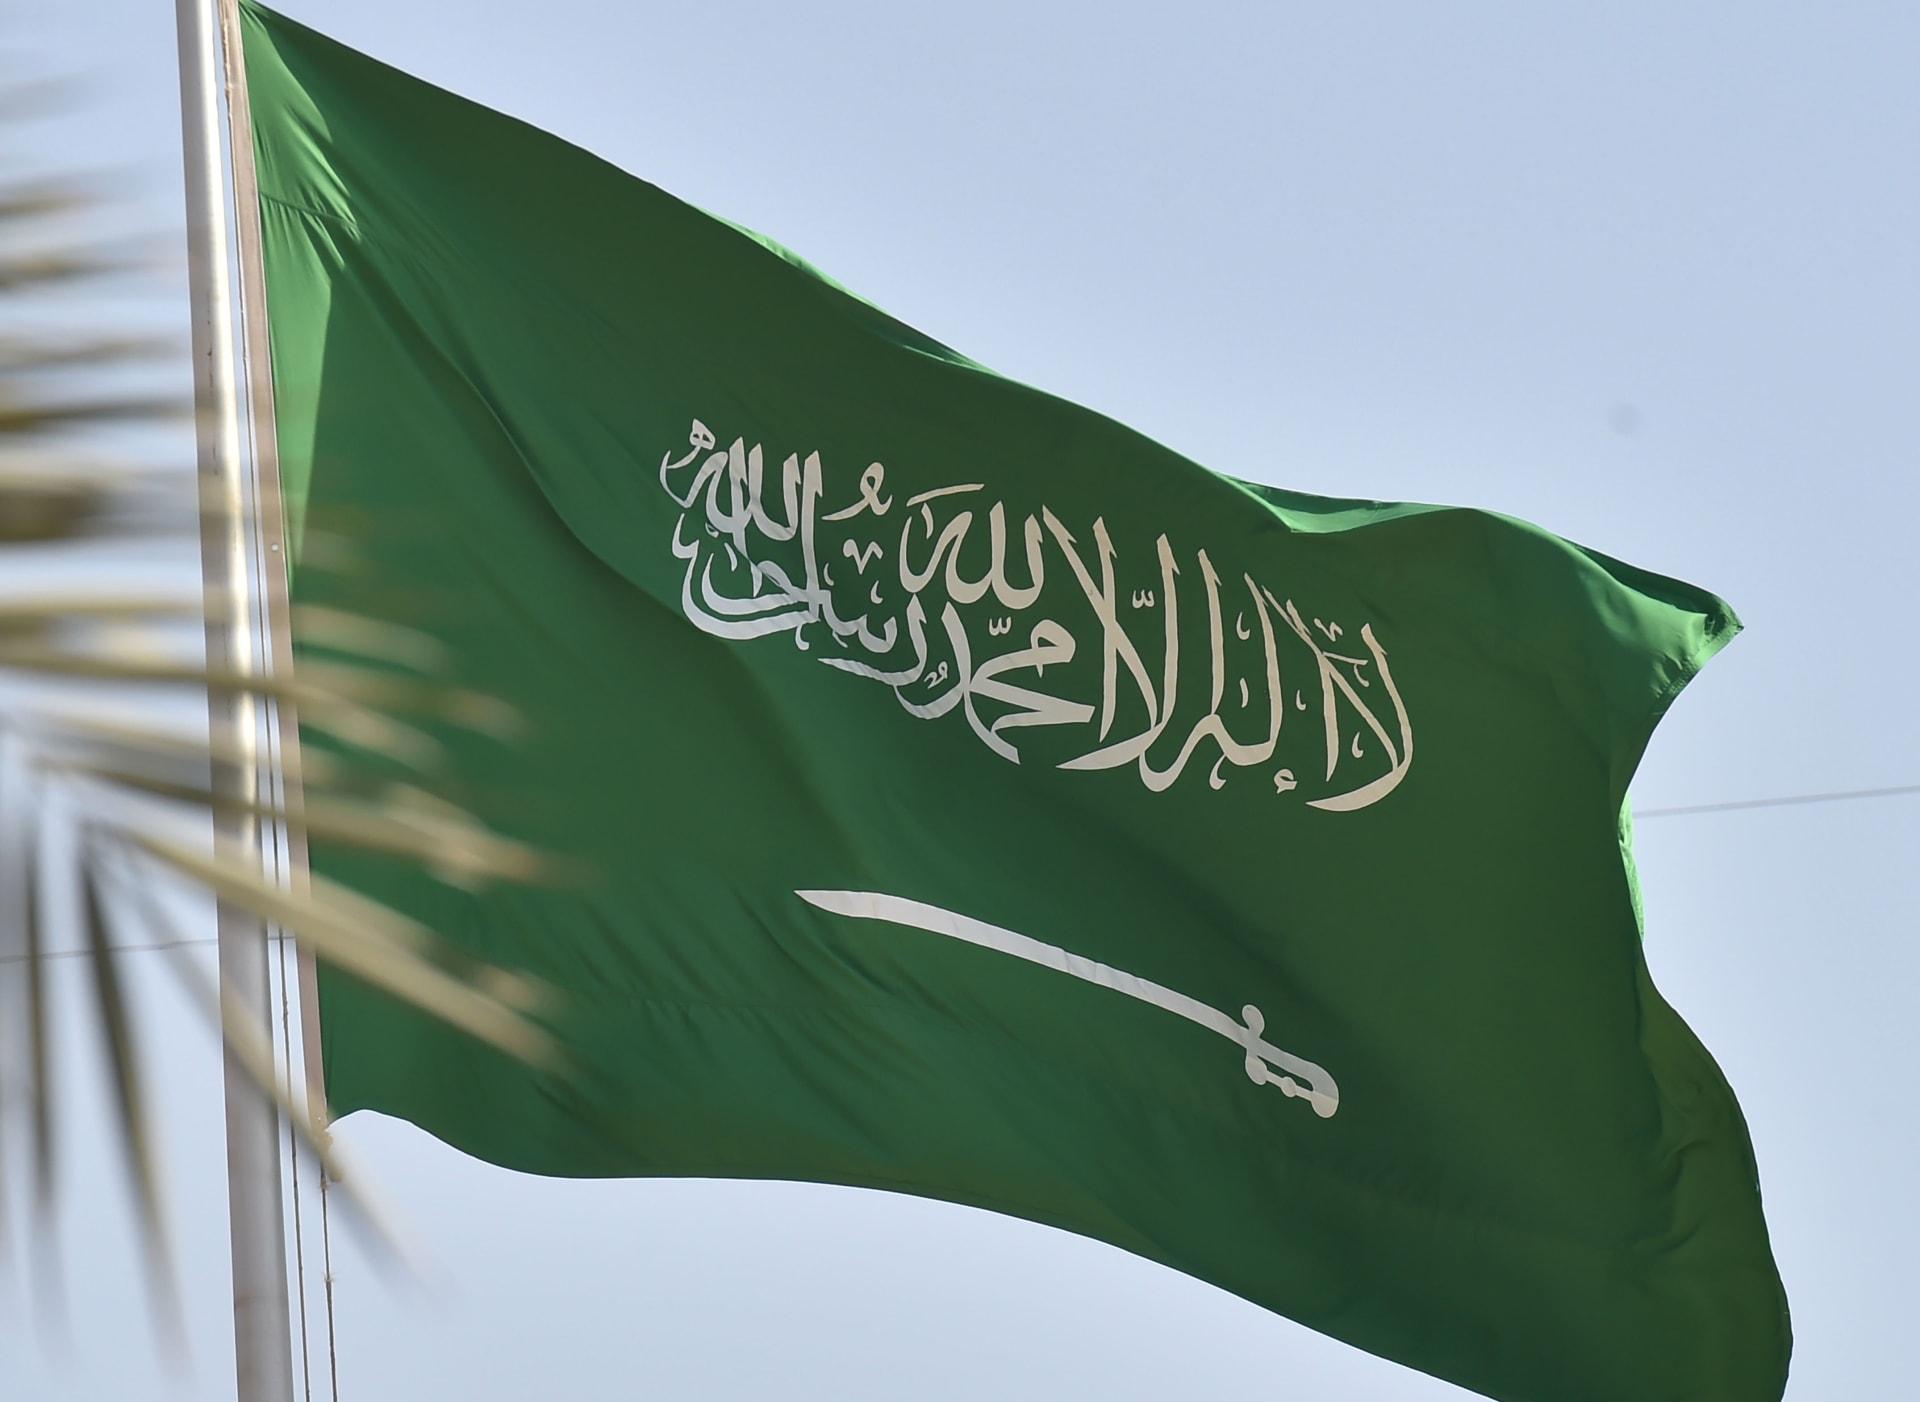 السعودية: القبض على 6 مواطنين ومقيم سرقوا 58 صيدلية في 4 شهور